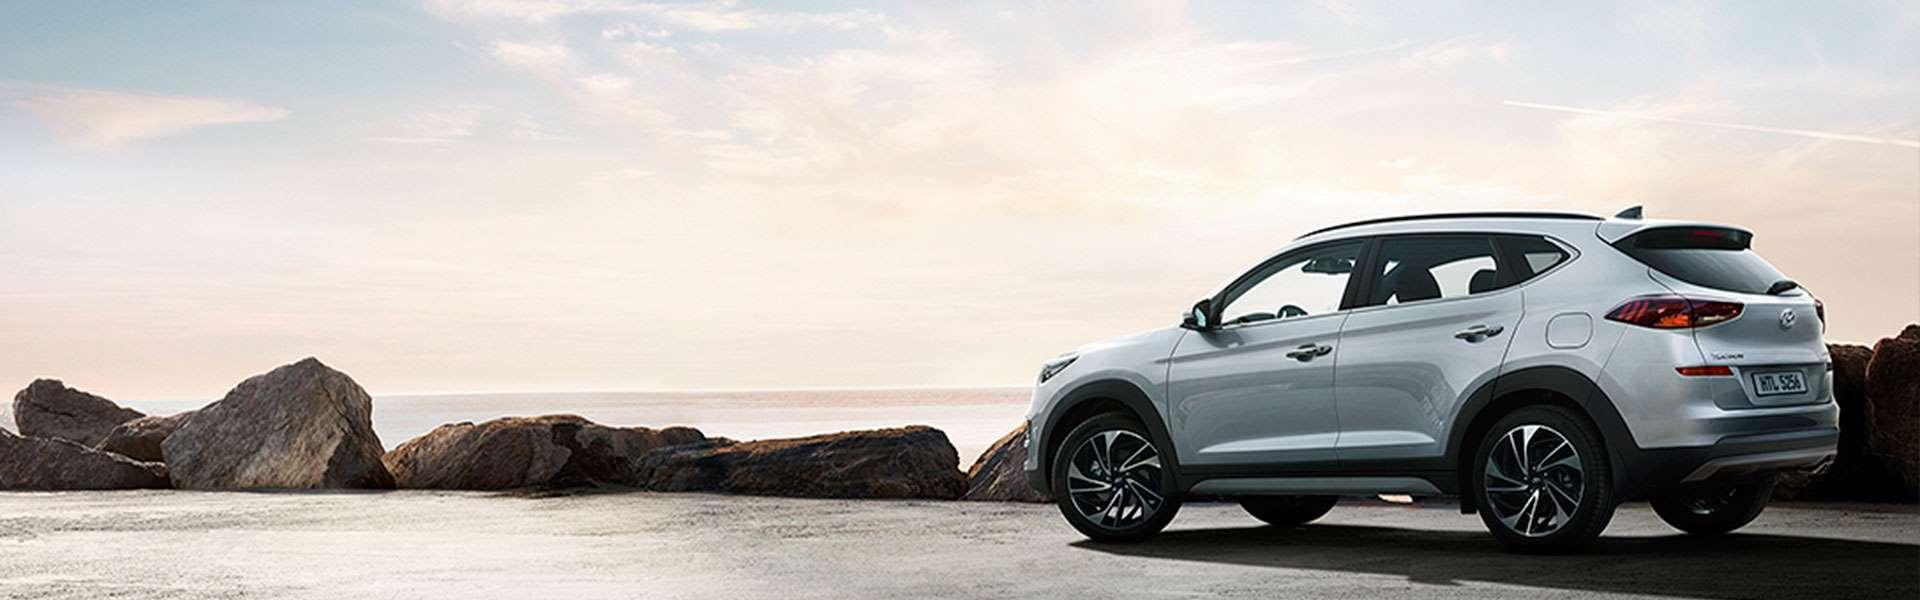 Hyundai New Tucson - обзор